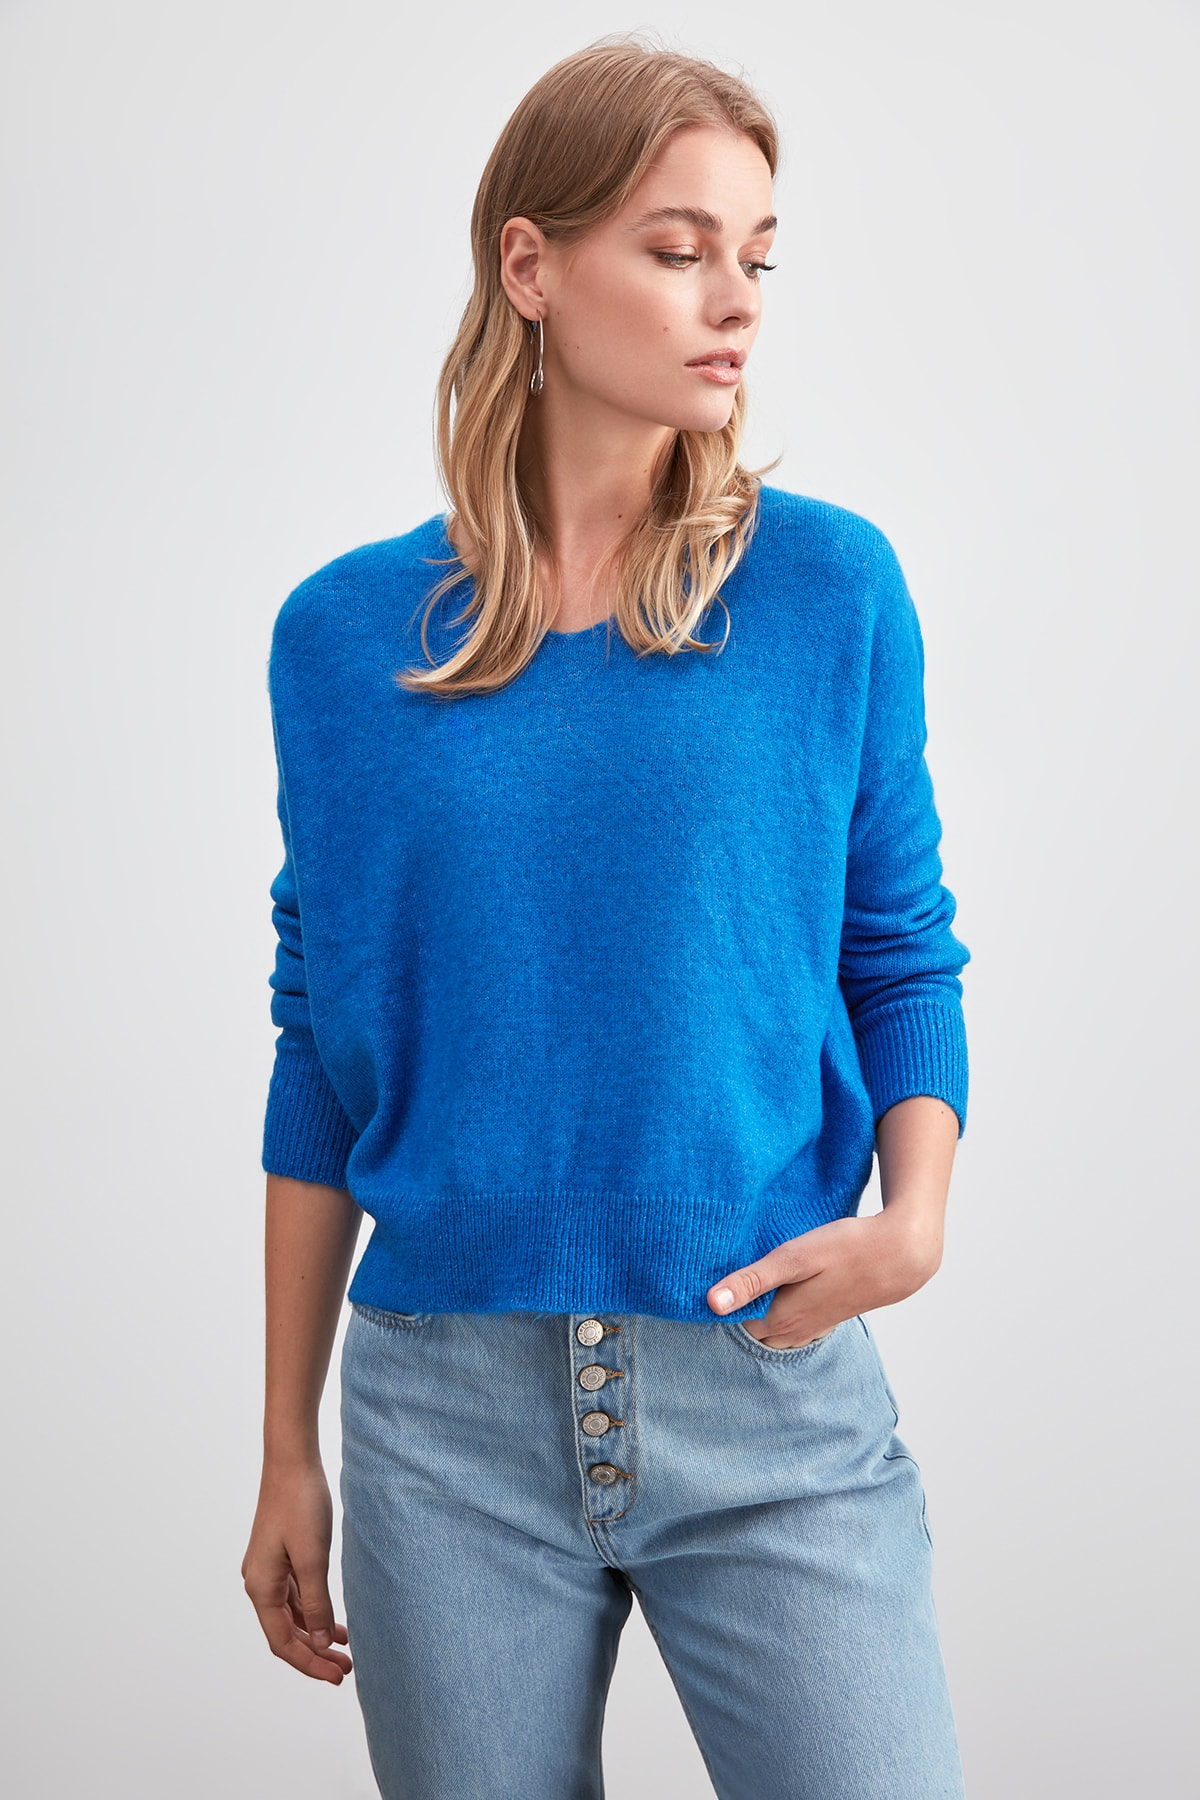 Trendyol V-Neck Knitwear Sweater TWOAW20KZ1436